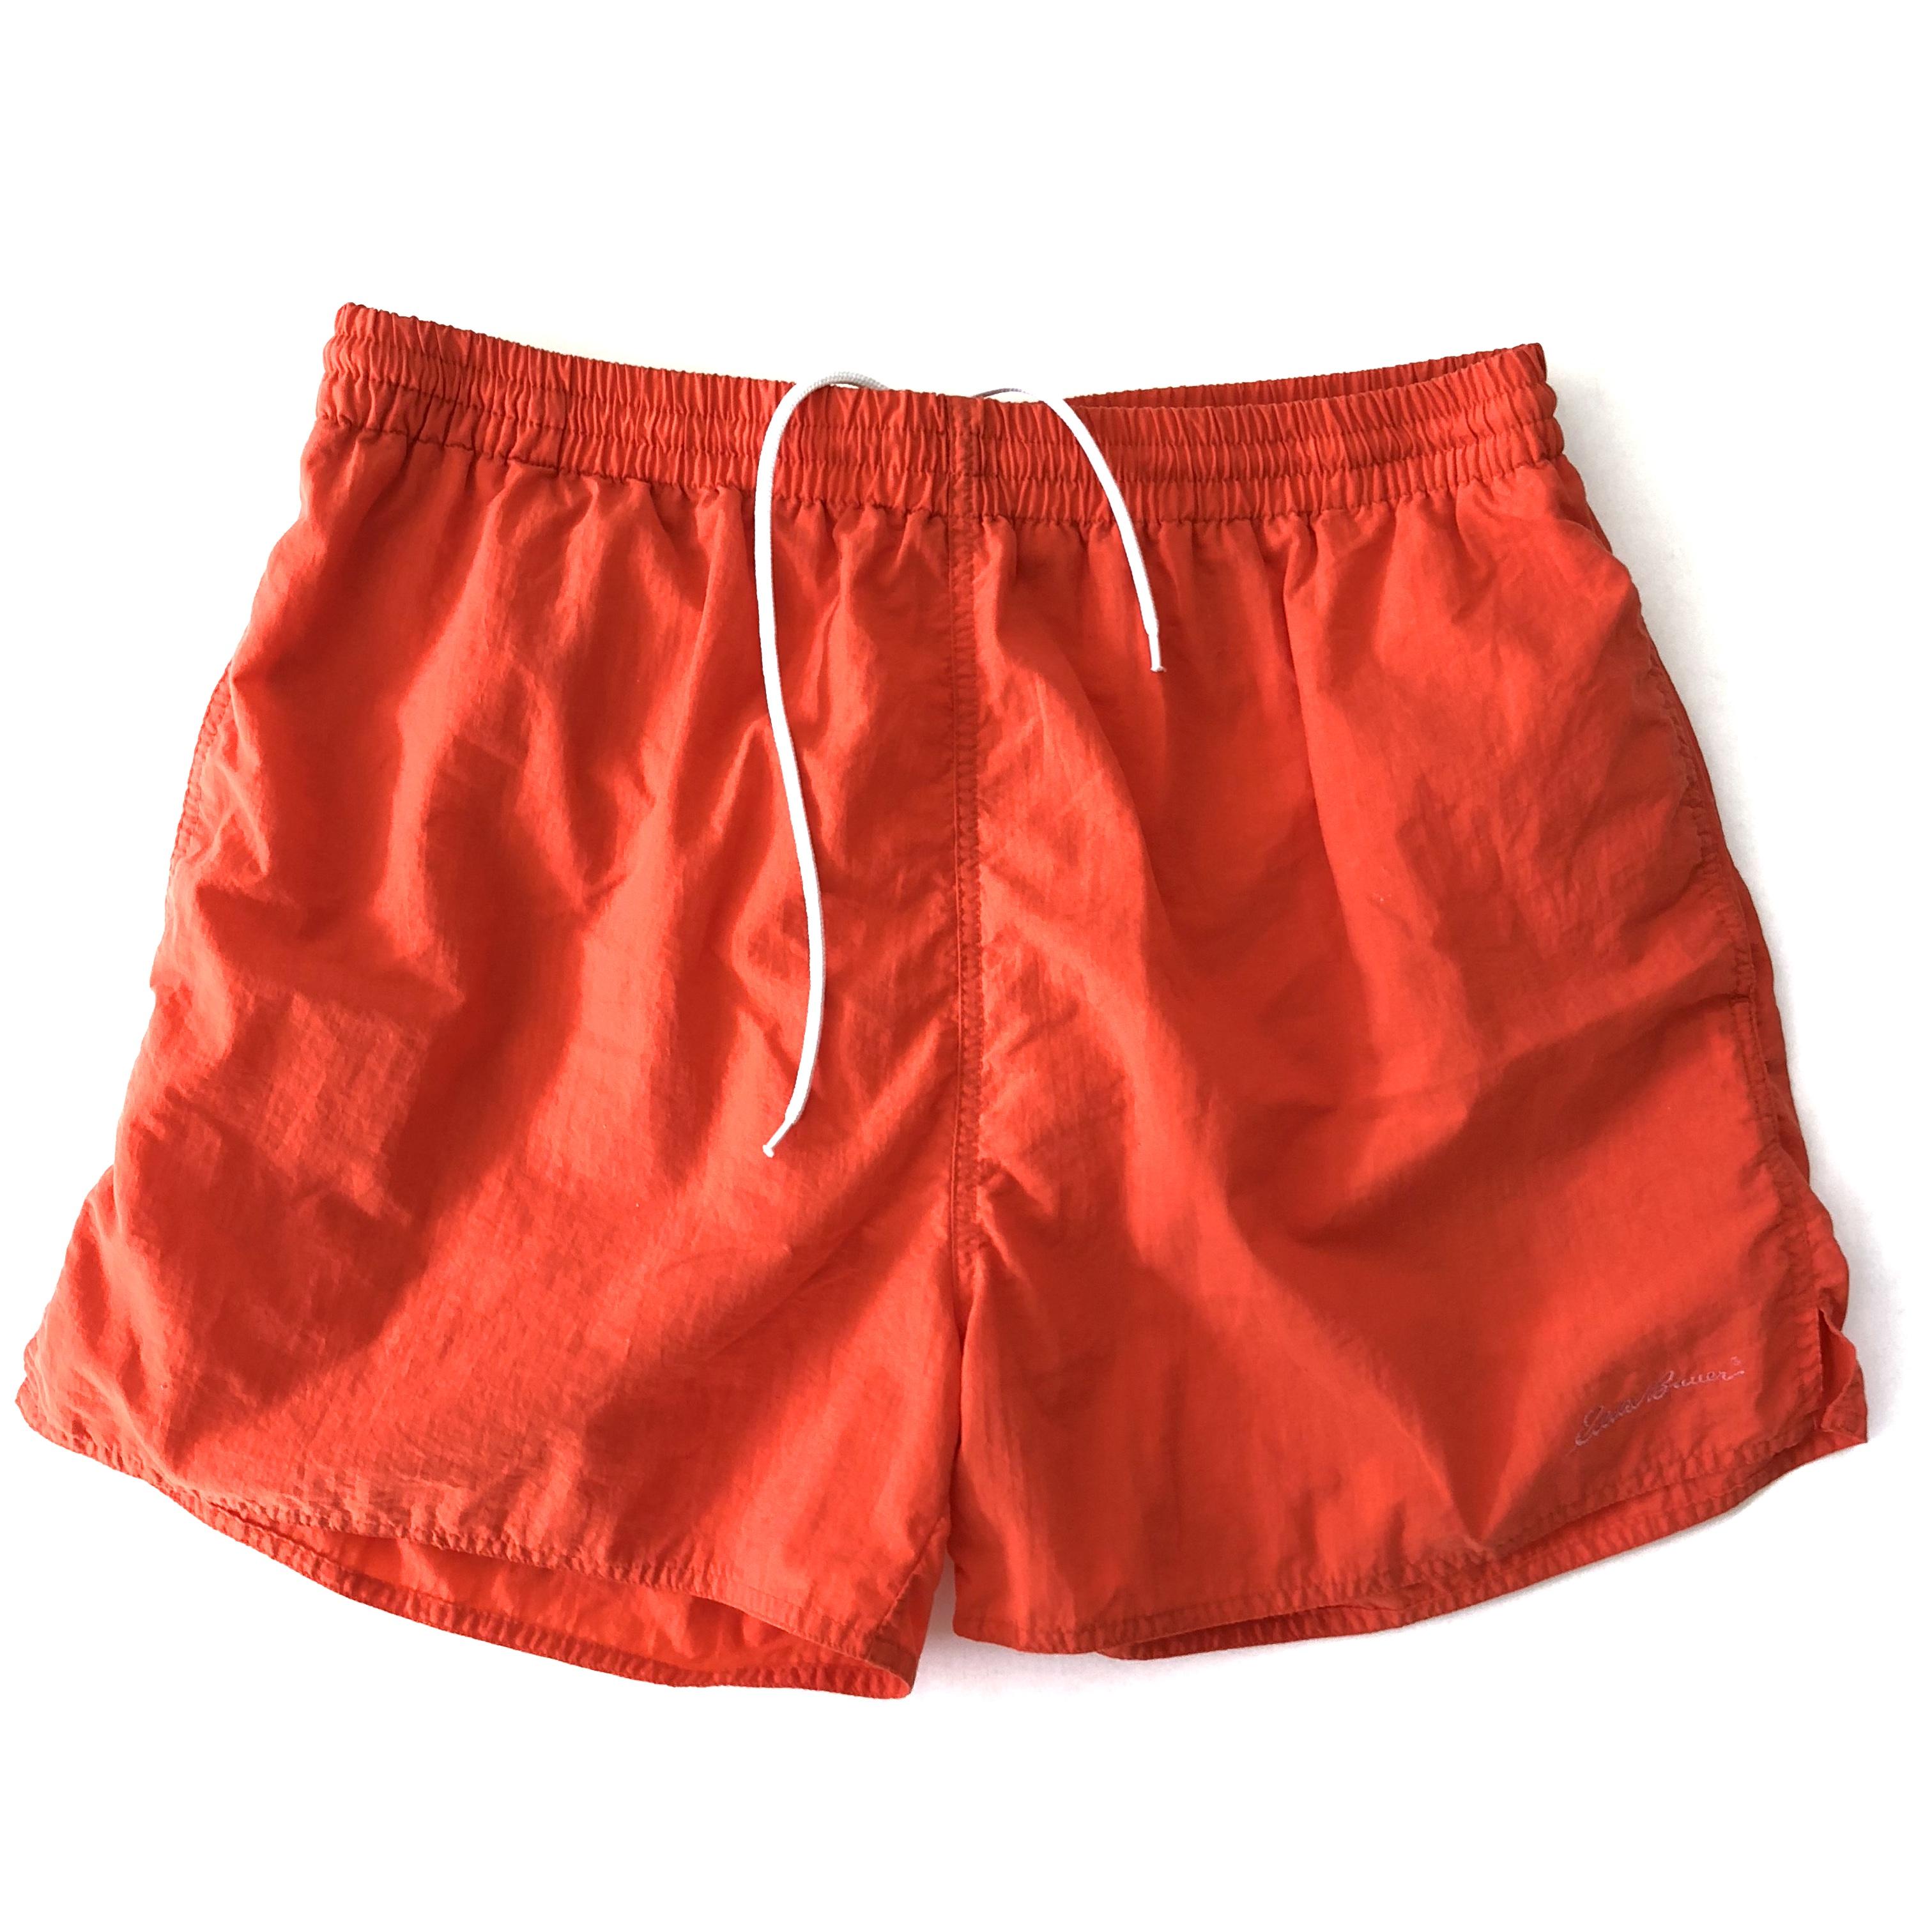 2741758845 Eddie Bauer Vintage Eddie Bauer Mens Retro Bright Orange Swim Trunks ...